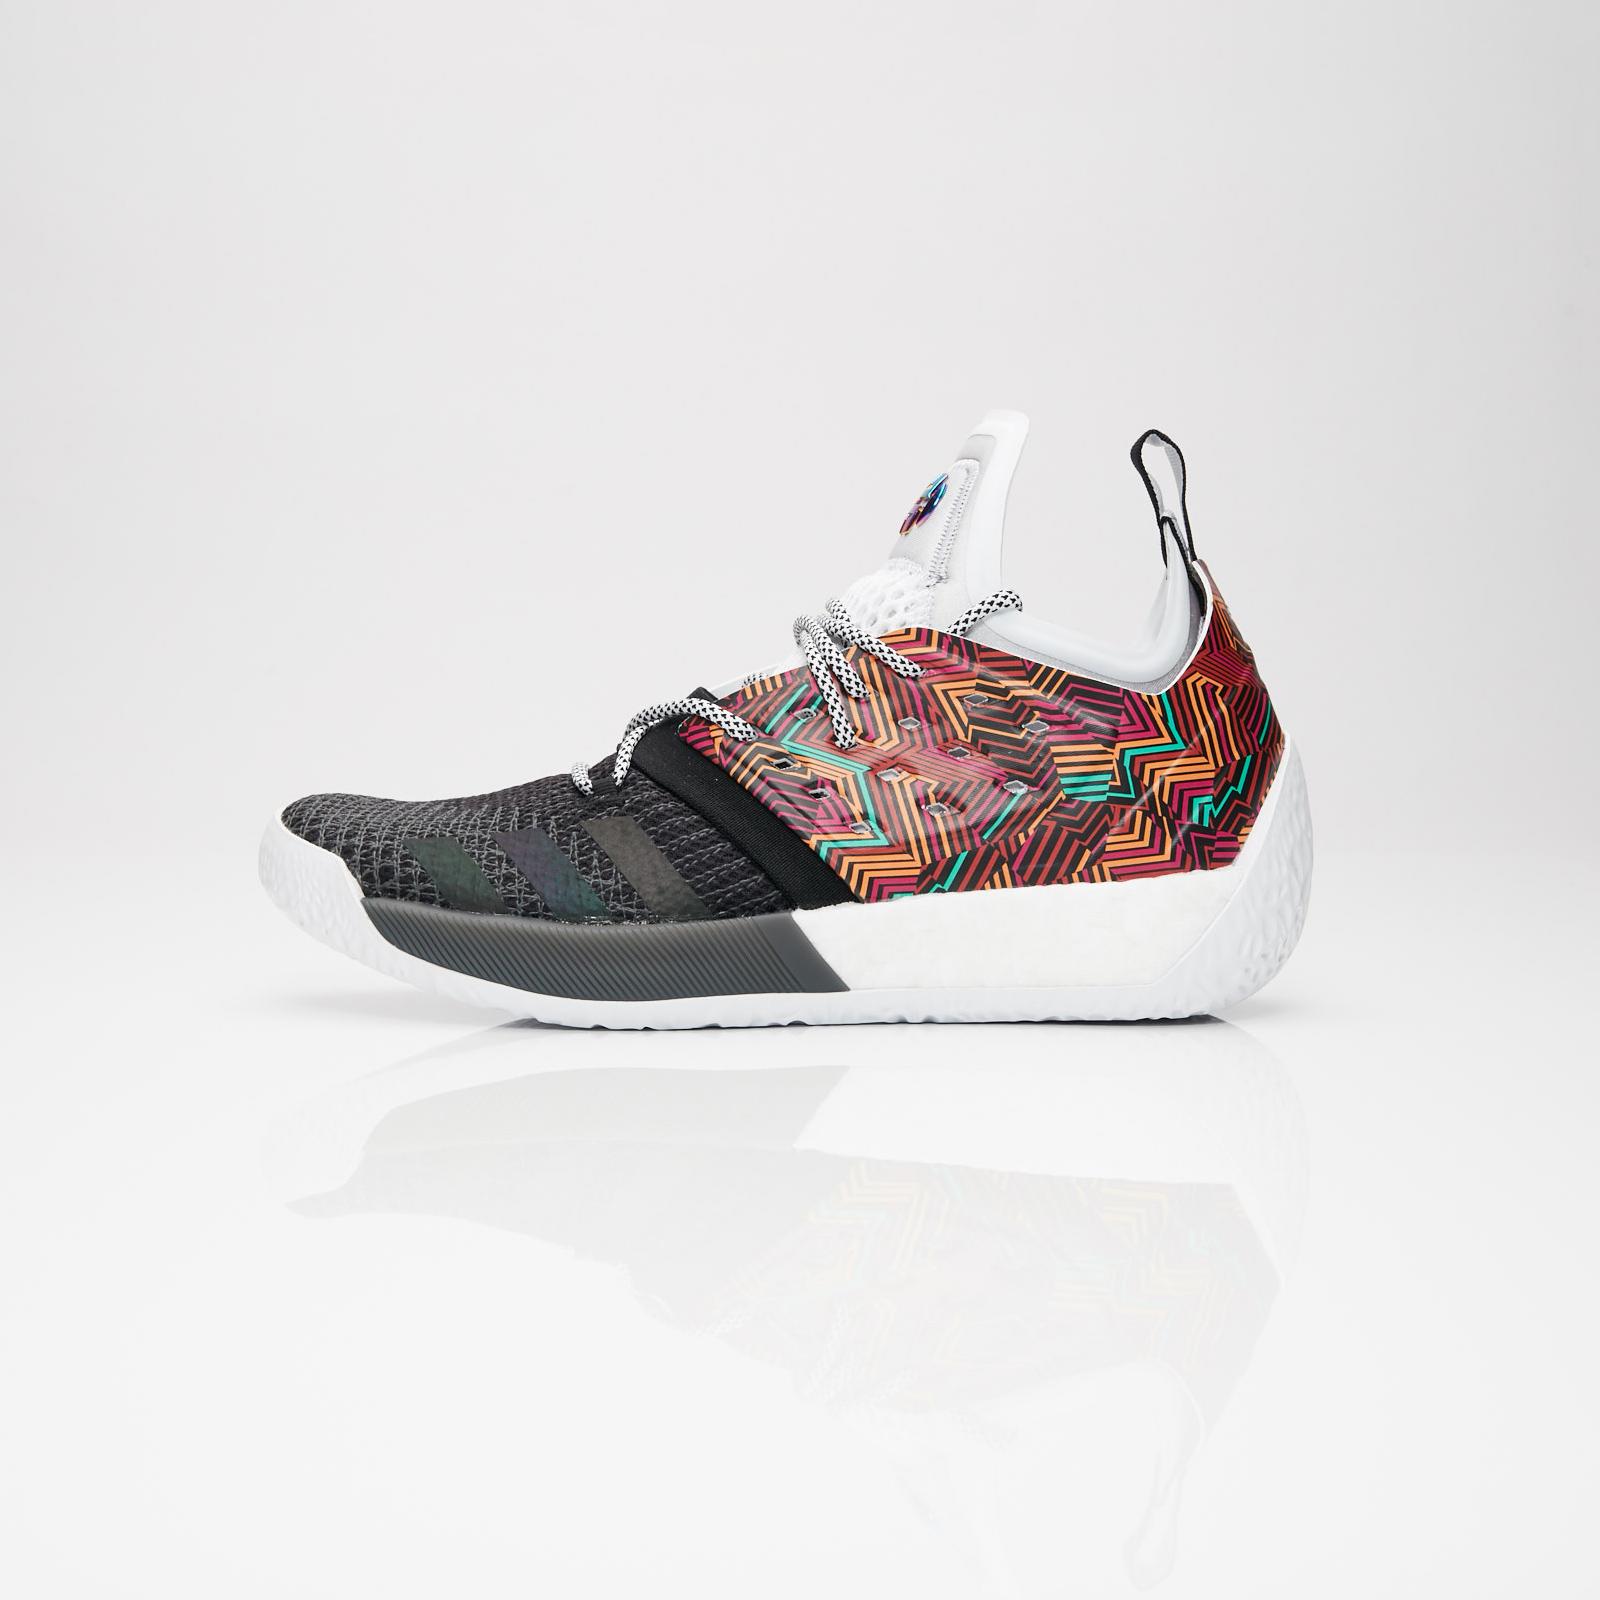 0ec7712a235 adidas Harden Vol. 2 - Aq0048 - Sneakersnstuff